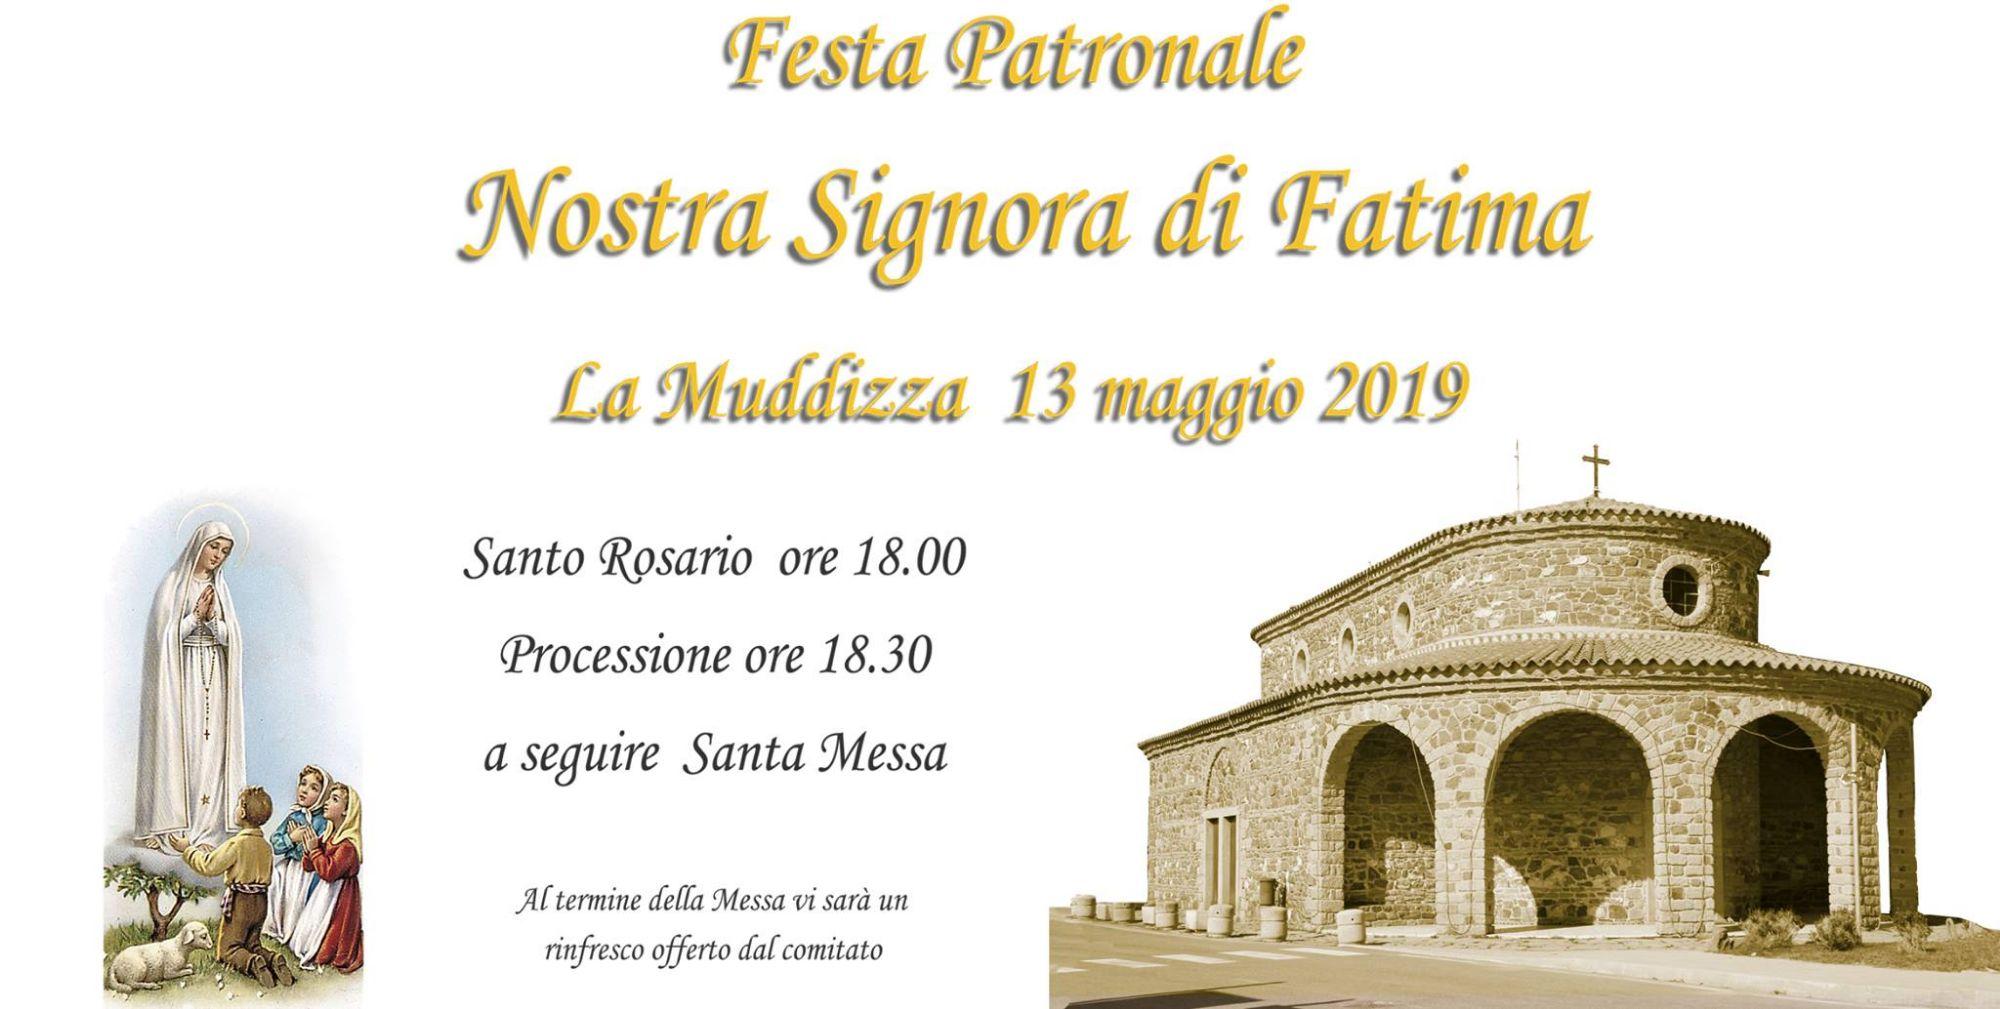 Festa Patronale Nostra Signora di Fatima - La Muddizza